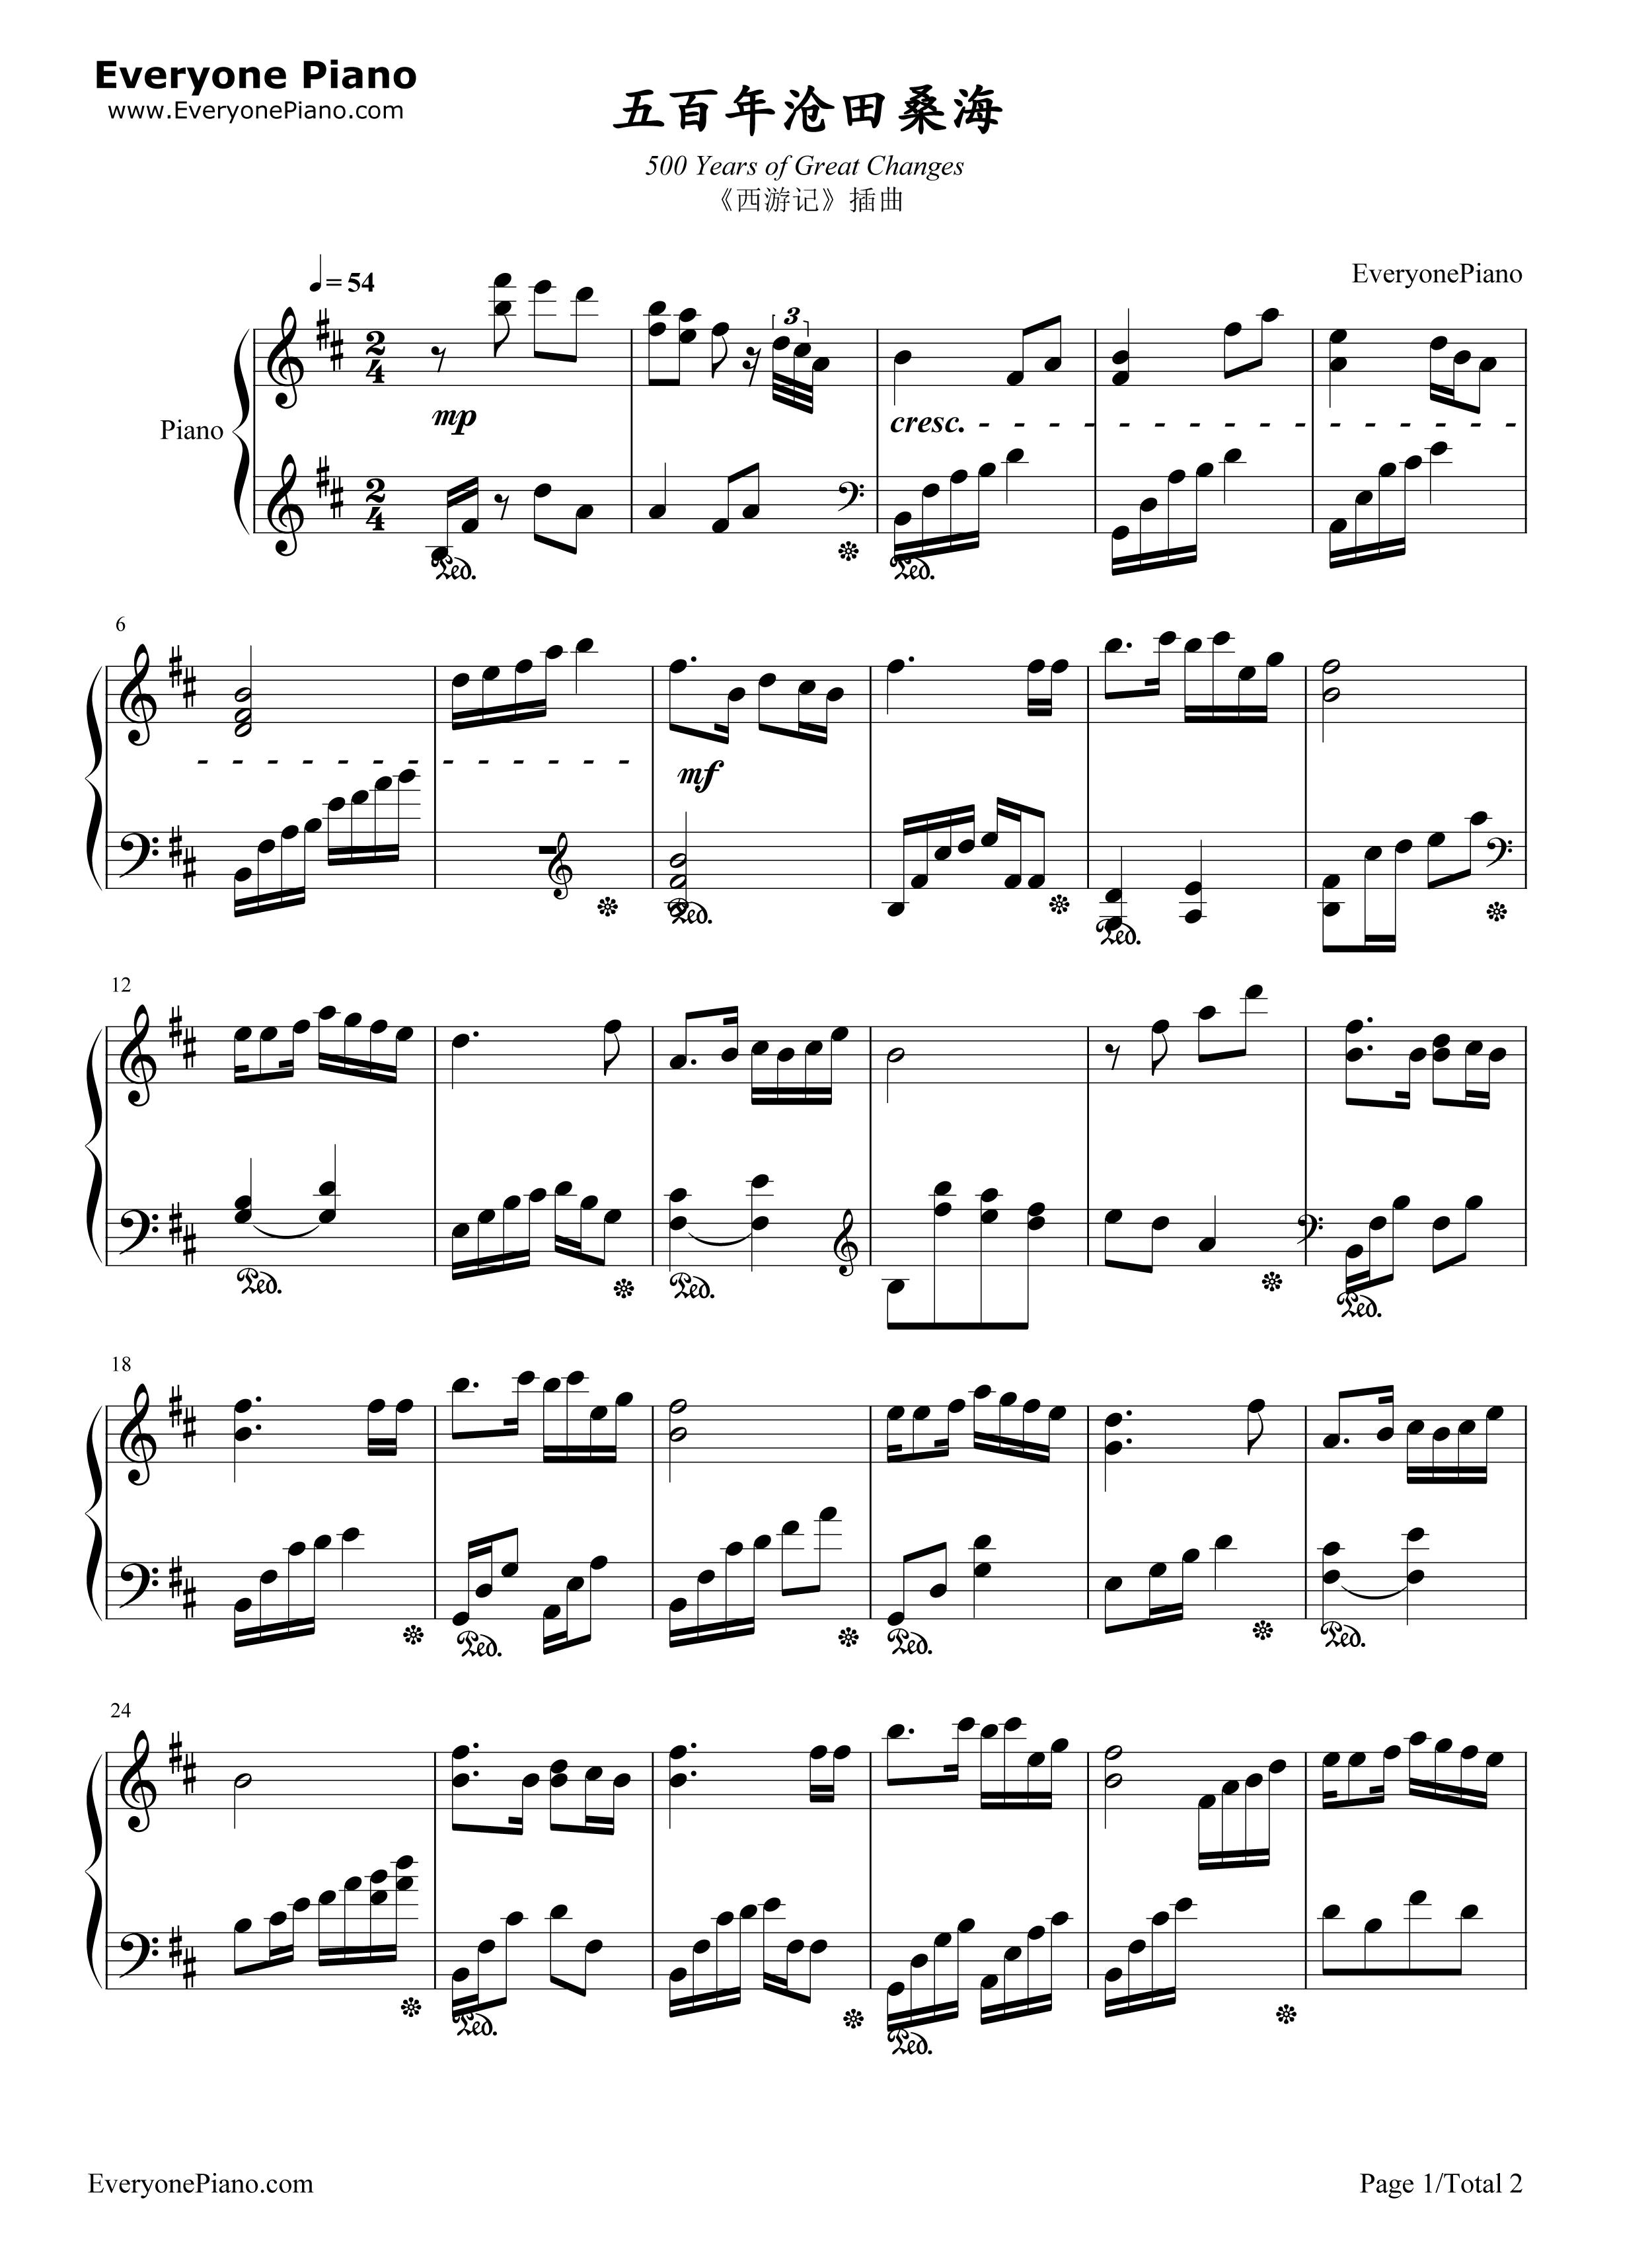 钢琴曲谱 流行 五百年桑田沧海-西游记插曲 五百年桑田沧海-西游记